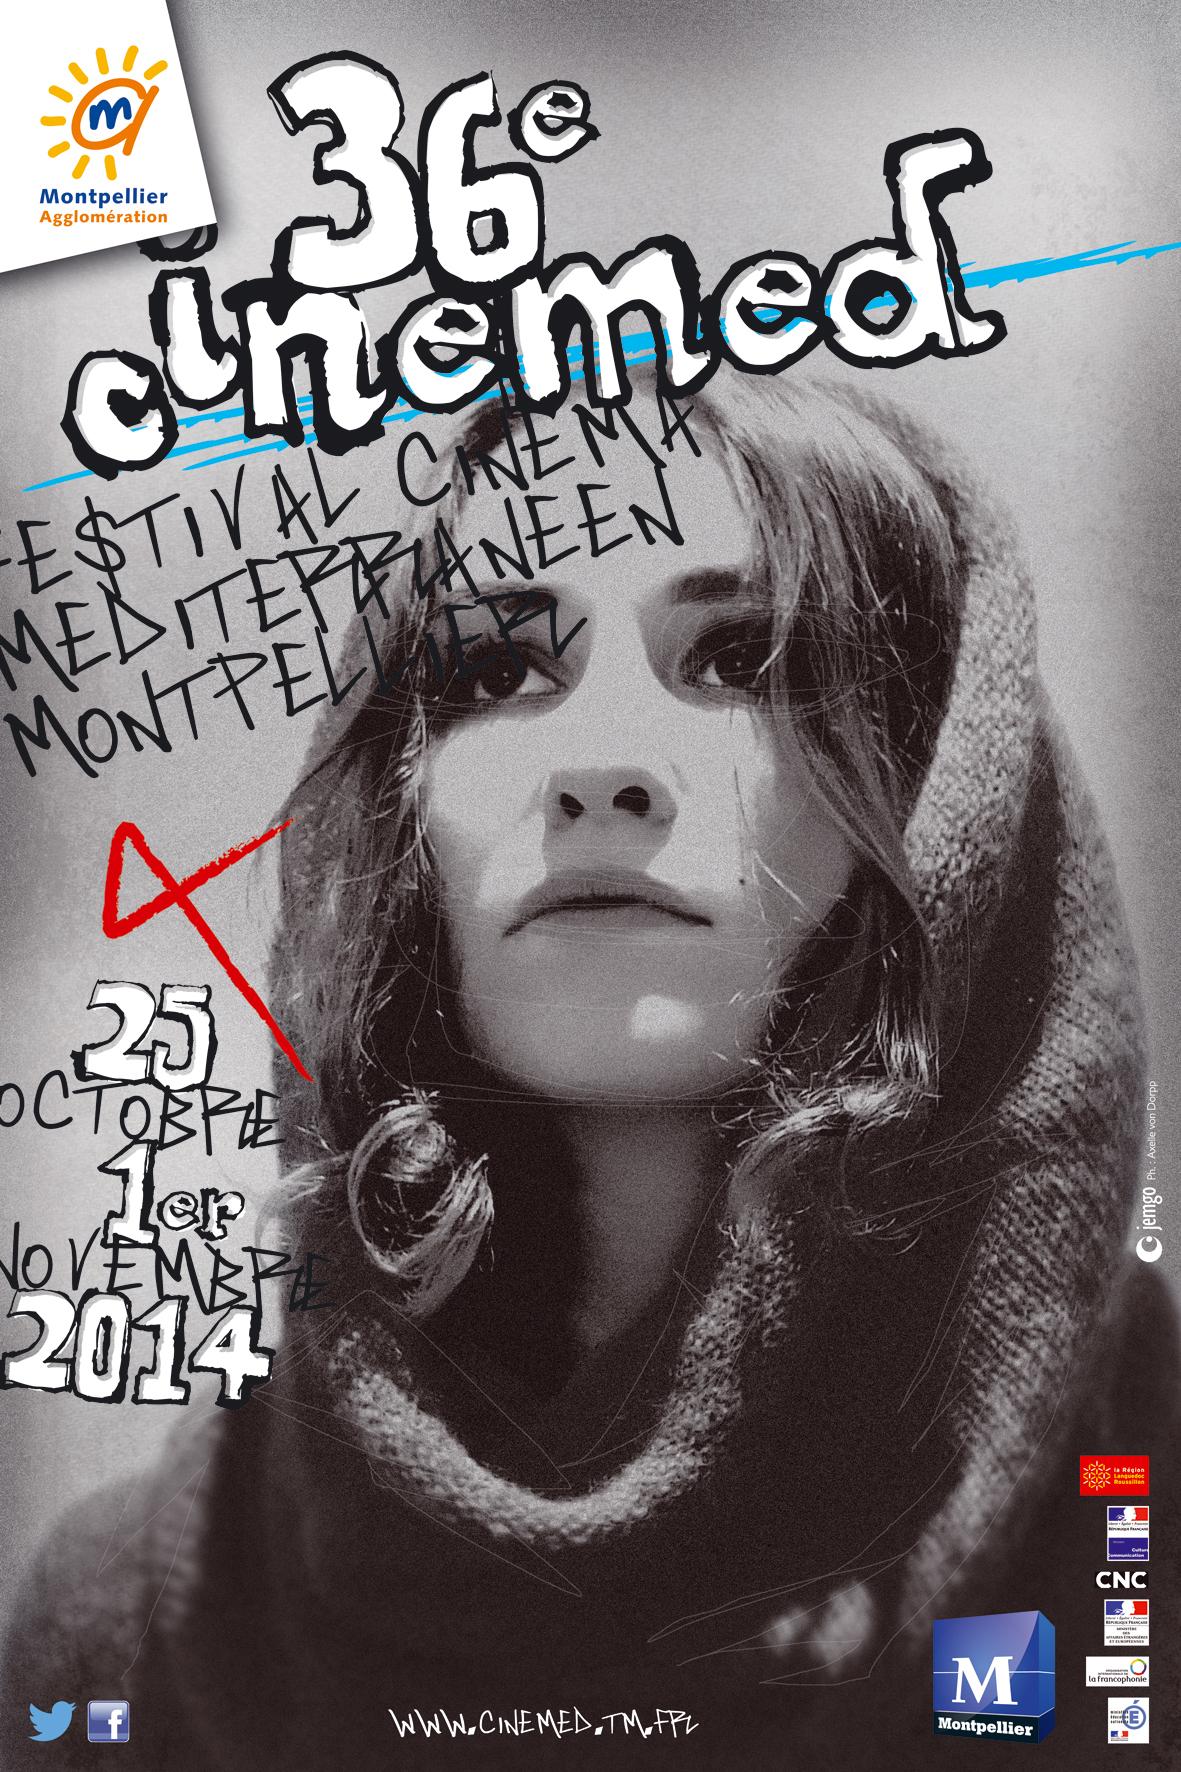 Cinemed 2014